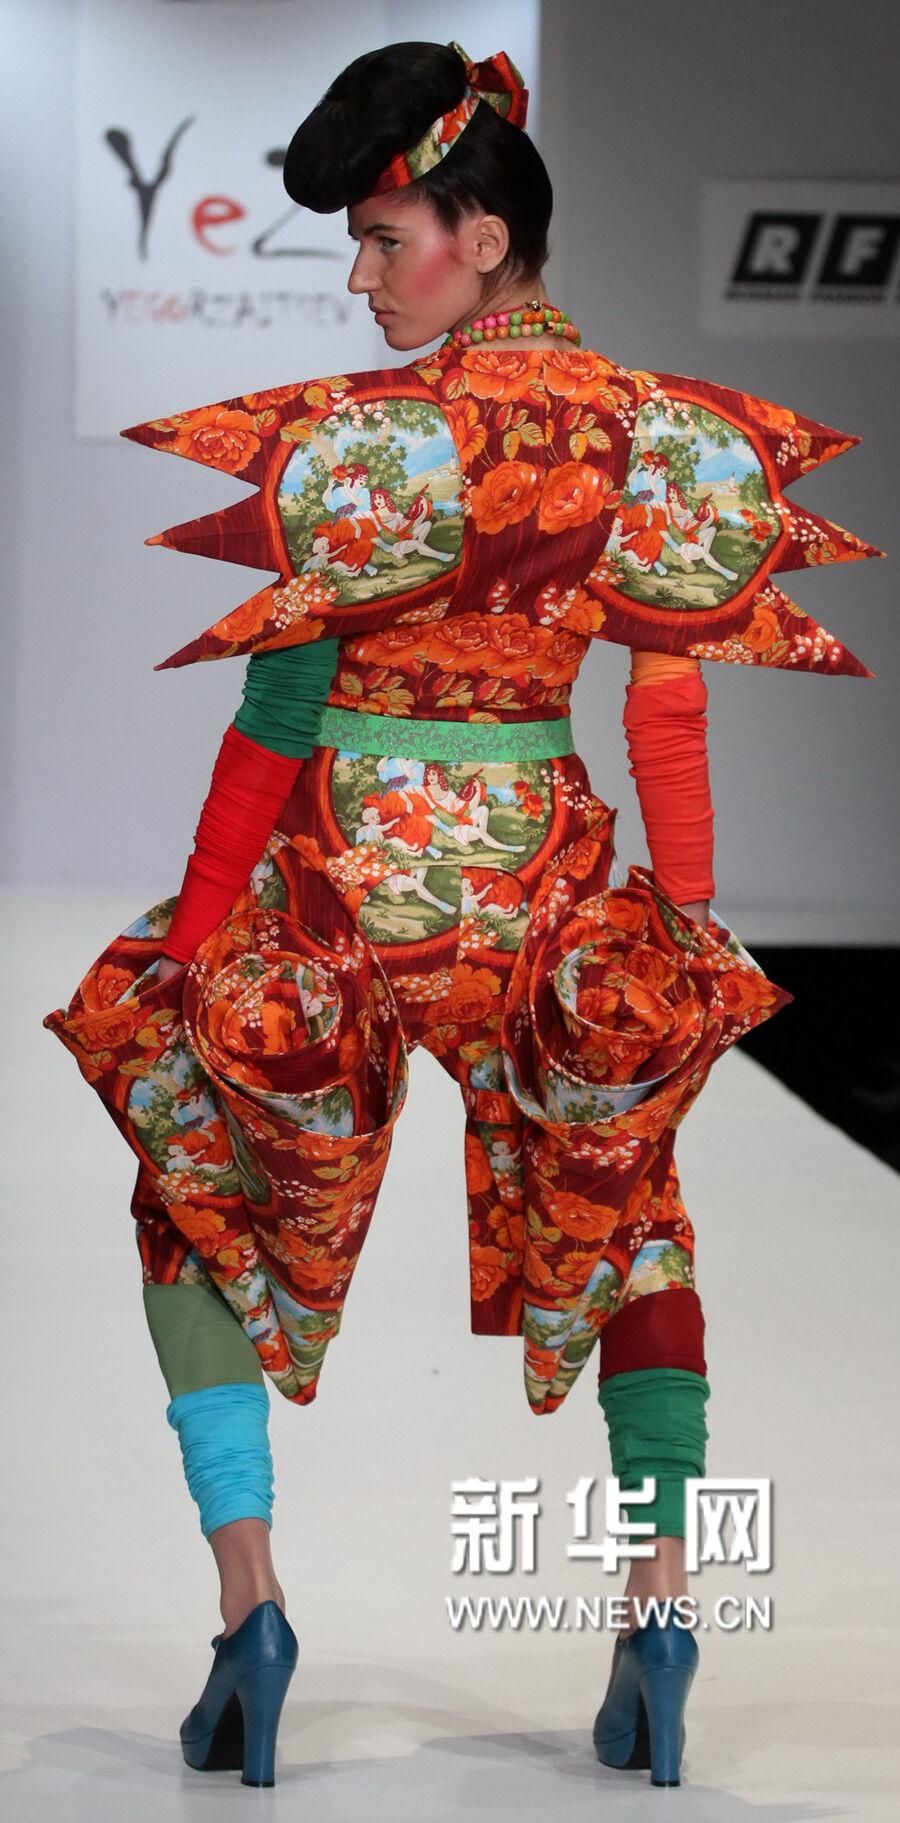 10月20日,模特在展示俄罗斯设计师叶戈尔·扎伊采夫的作品.图片